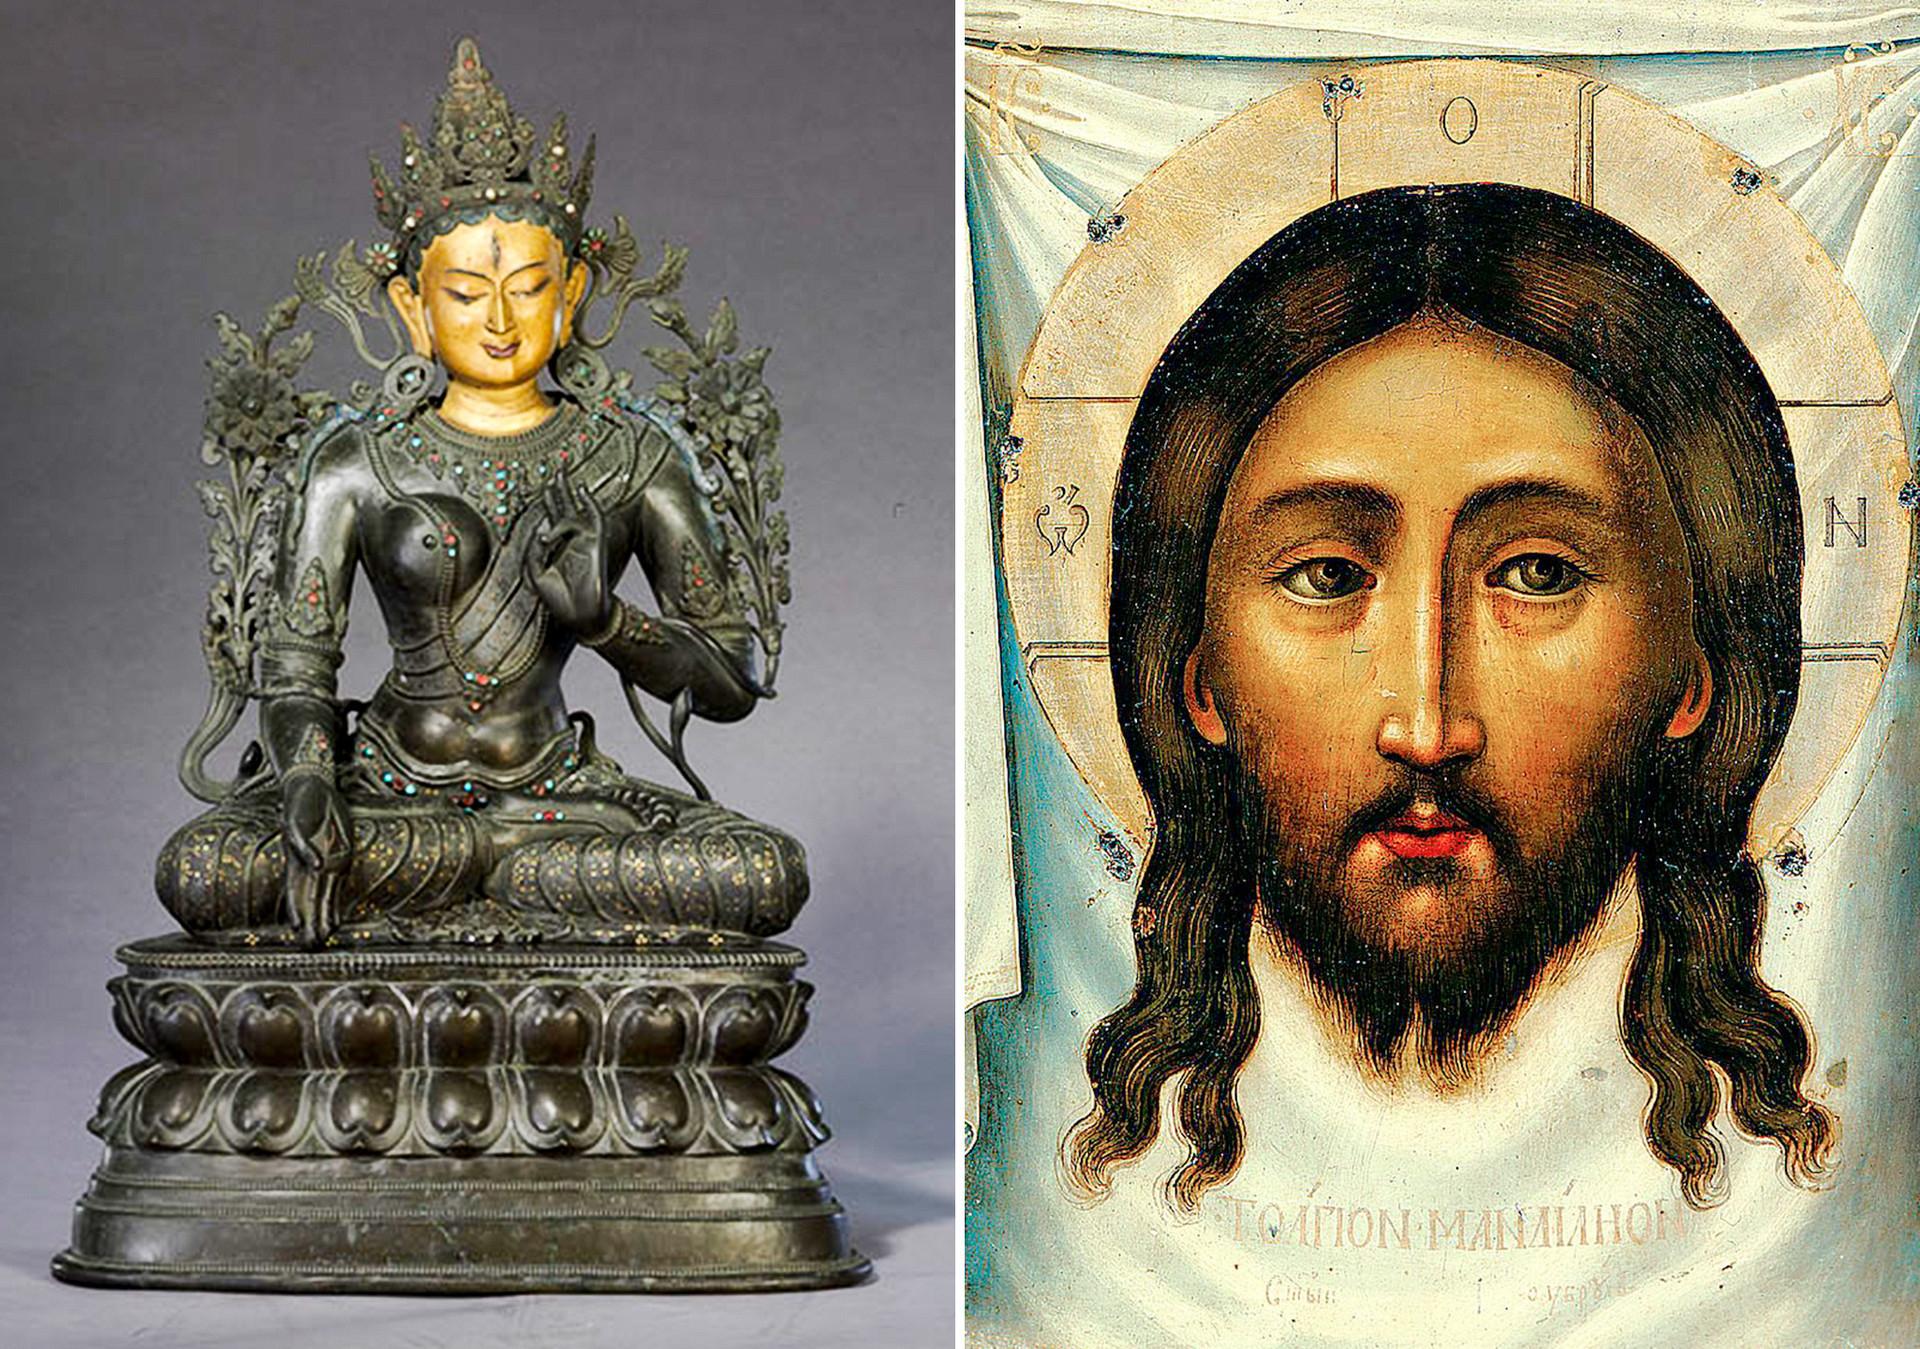 Лево: Статуа на Бела Тара. Династија Ќинг, владеење на Чијанлонг (1736-1796). Десно: Свети Мандилион. 1677